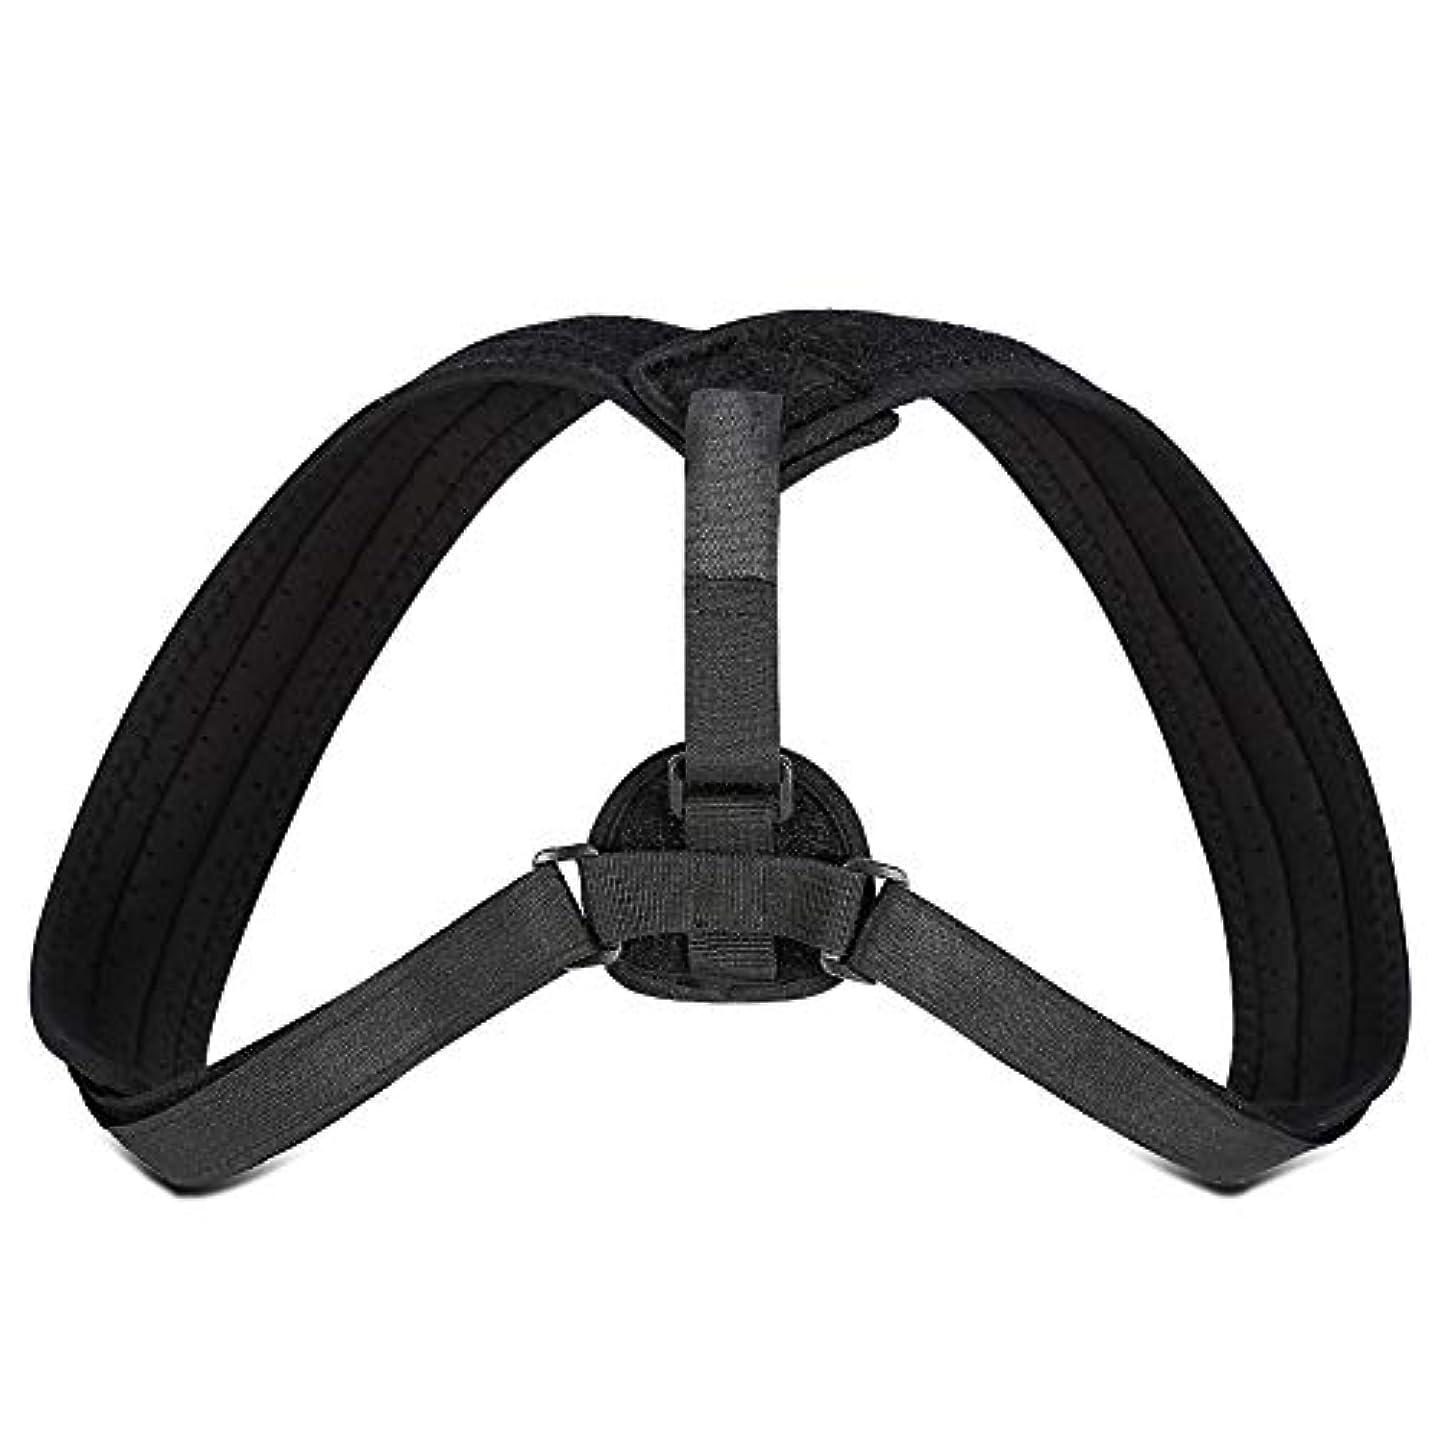 長いですごみセメントYosoo Posture Corrector - ブレースアッパーバックネックショルダーサポートアジャスタブルストラップ、肩の体位補正、整形外科用こぶの緩和のための包帯矯正、ティーン用